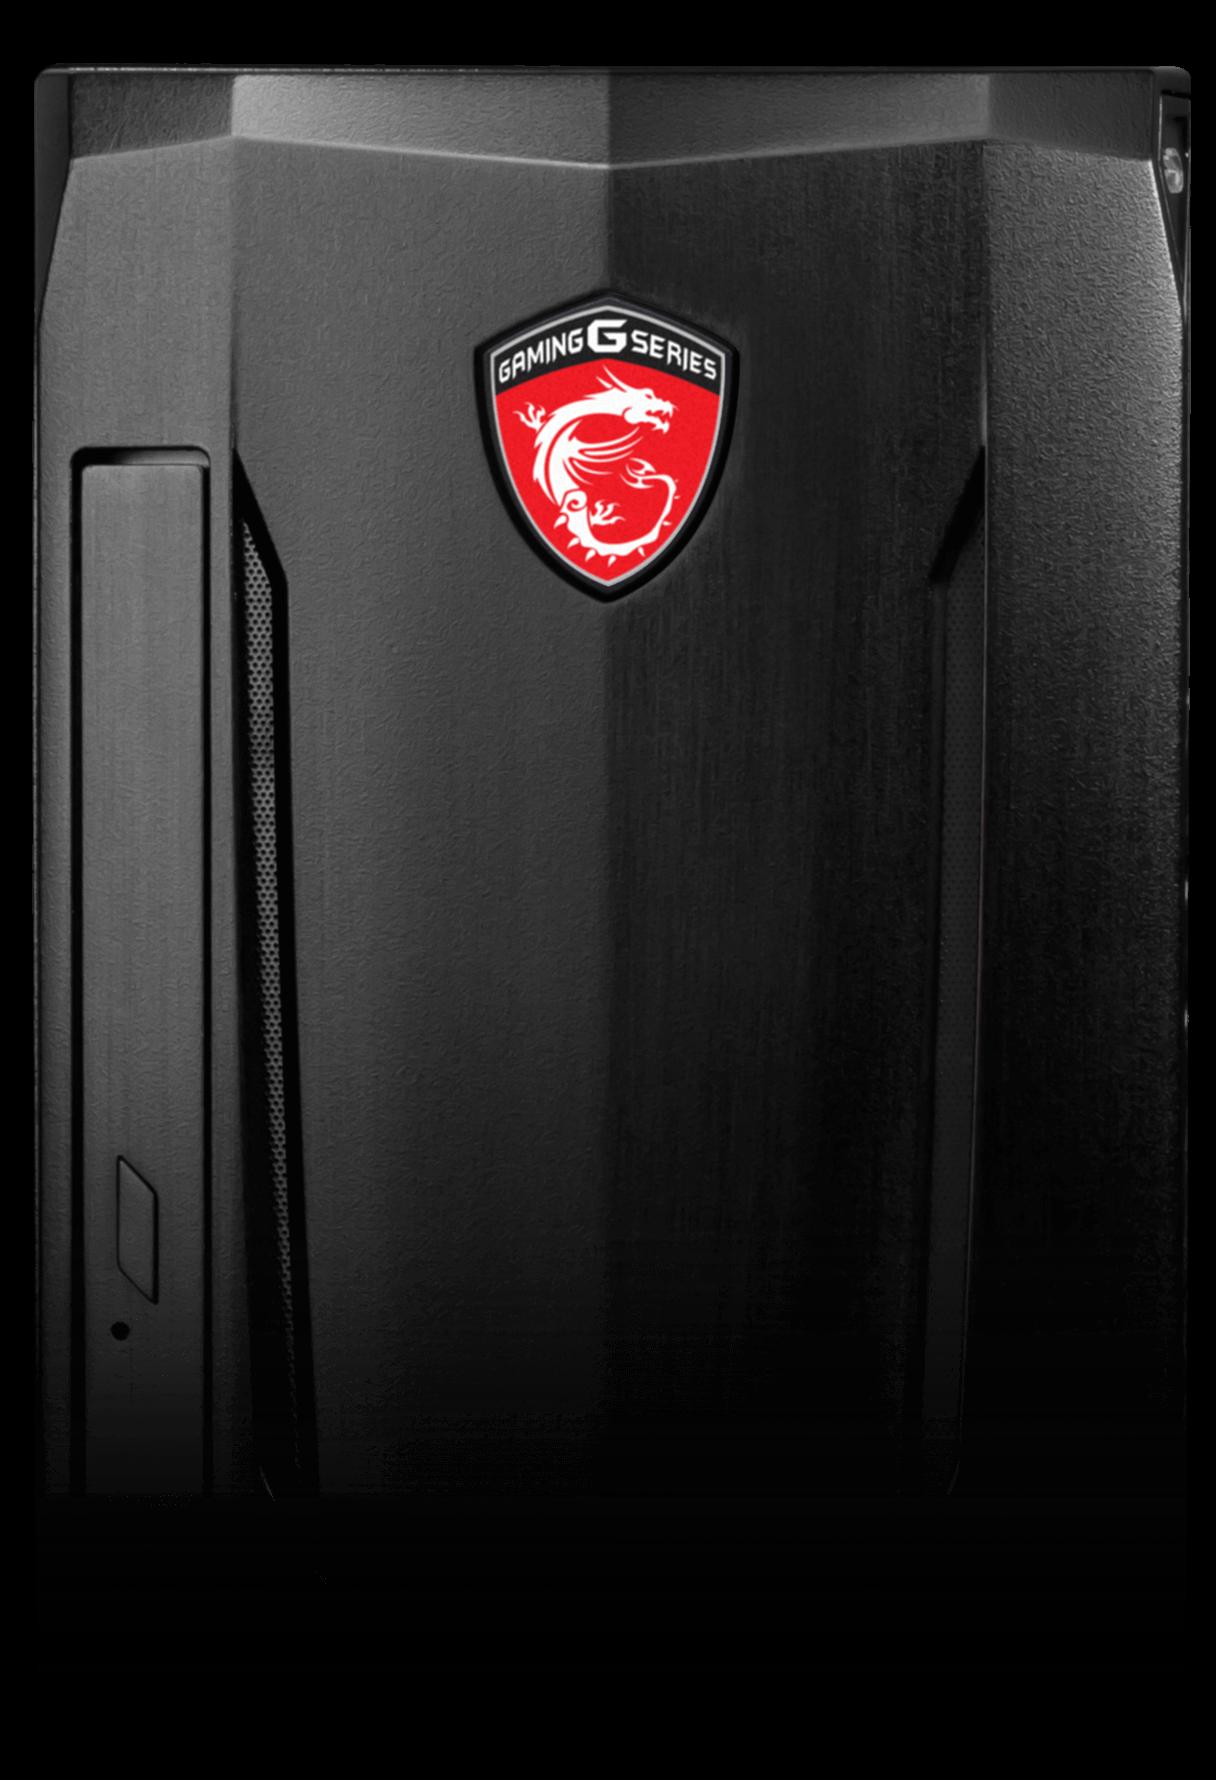 Nightblade Mib Desktop The Most Versatile Consumer Pc